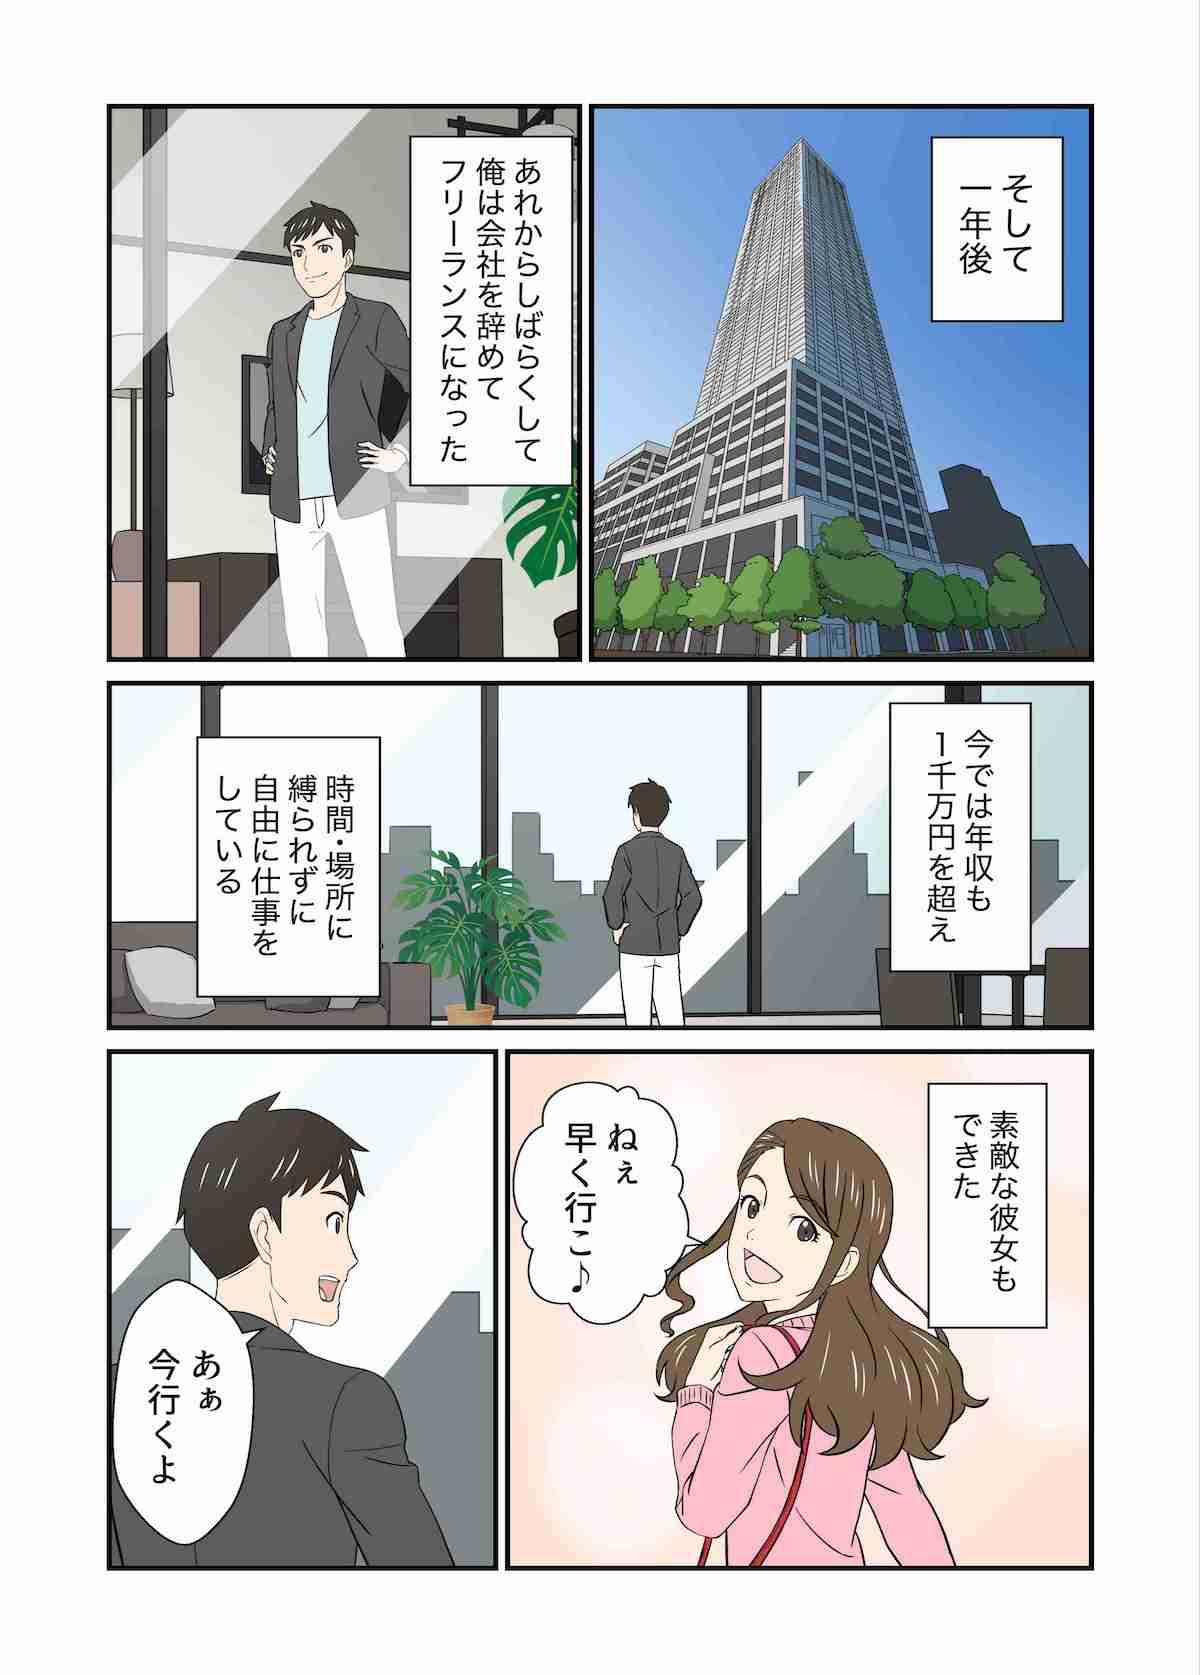 ウェブカツ漫画12ページ目